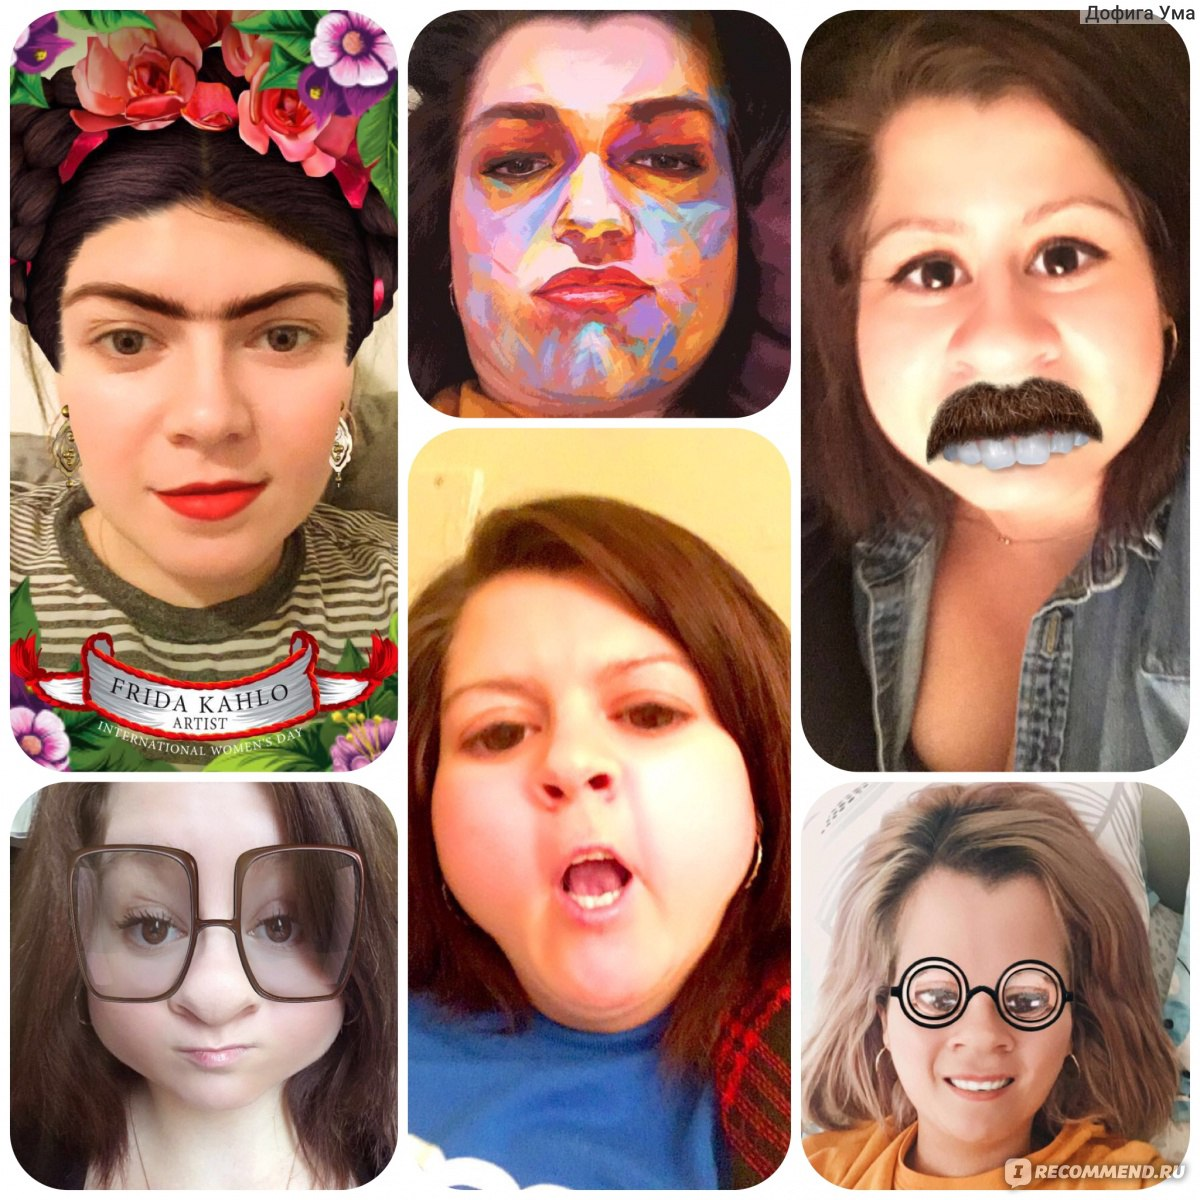 ушки и носик на фото приложение конкурсе участвовала также